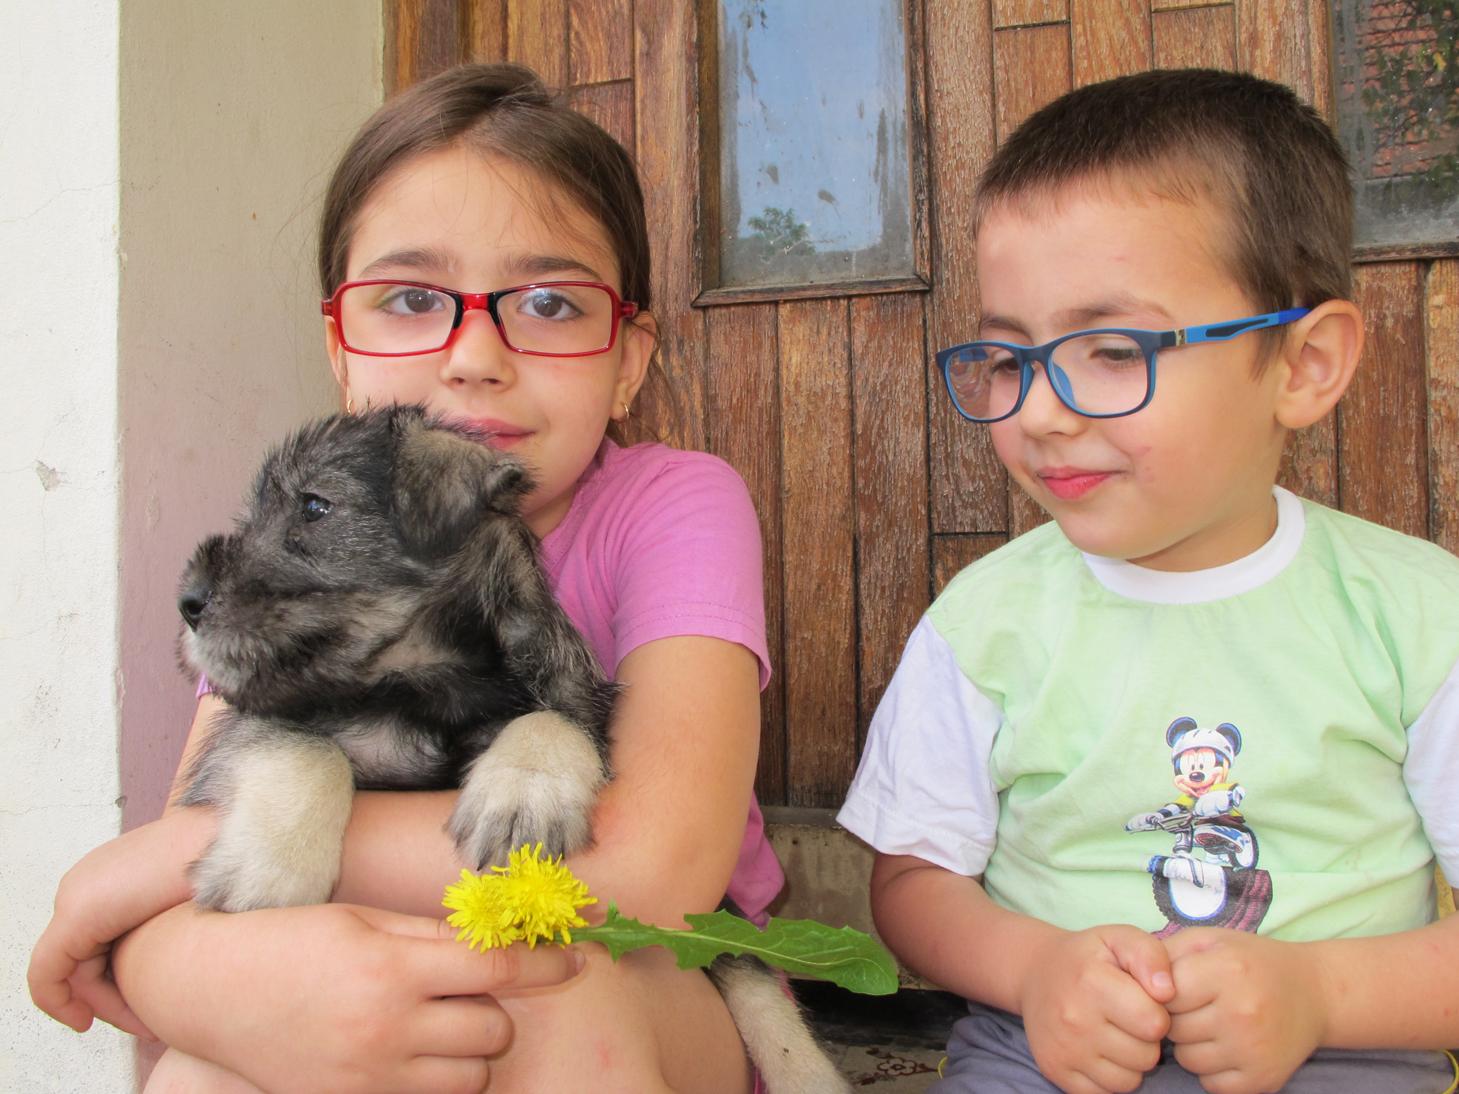 Children & schnauzer puppy